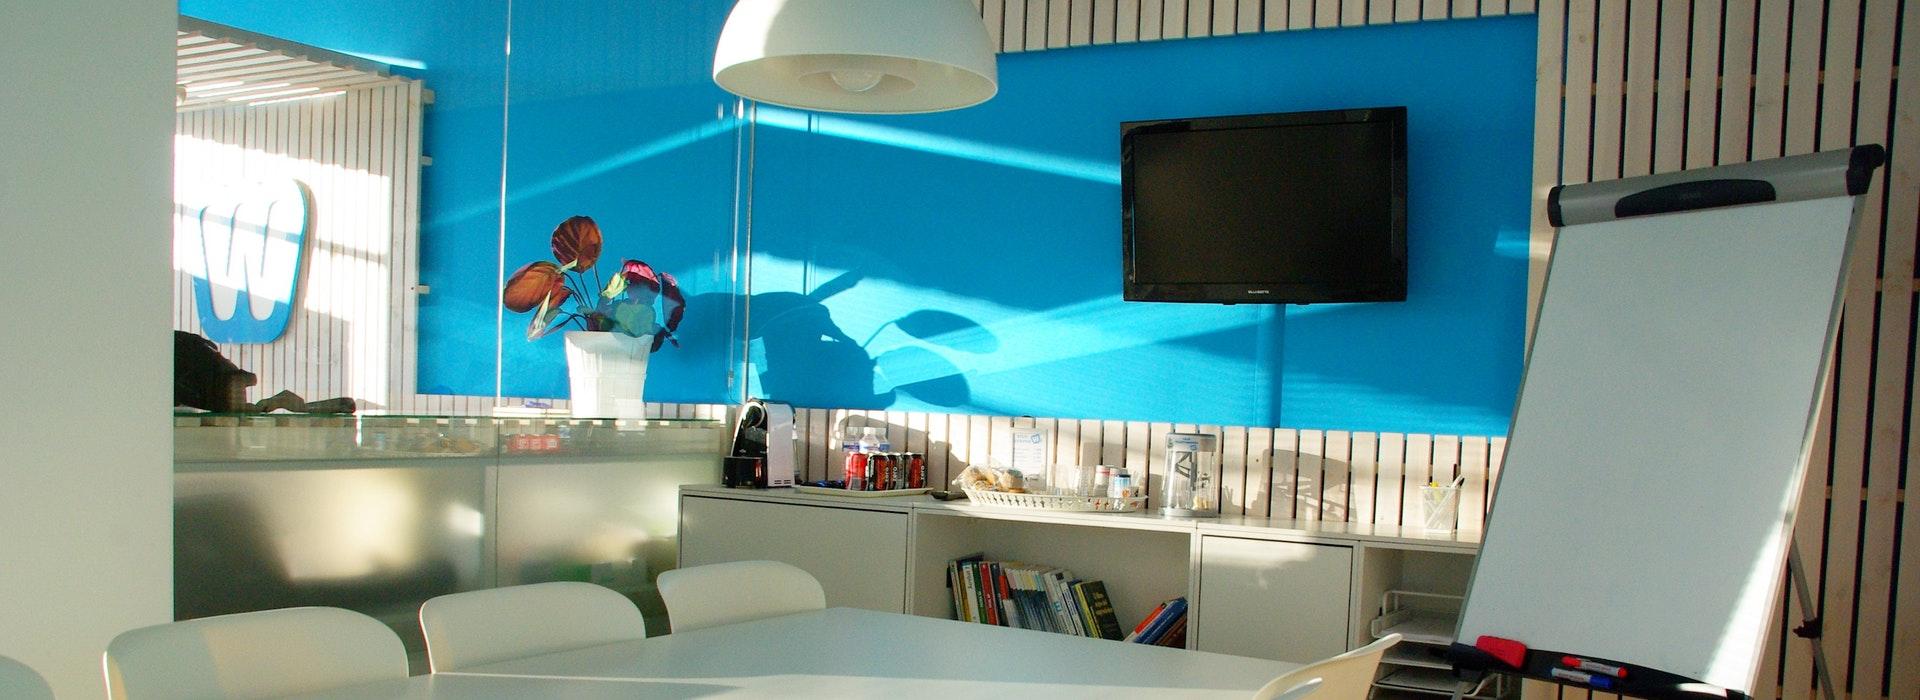 Photo de chaises blanches dans un bureau contre un mur bleu